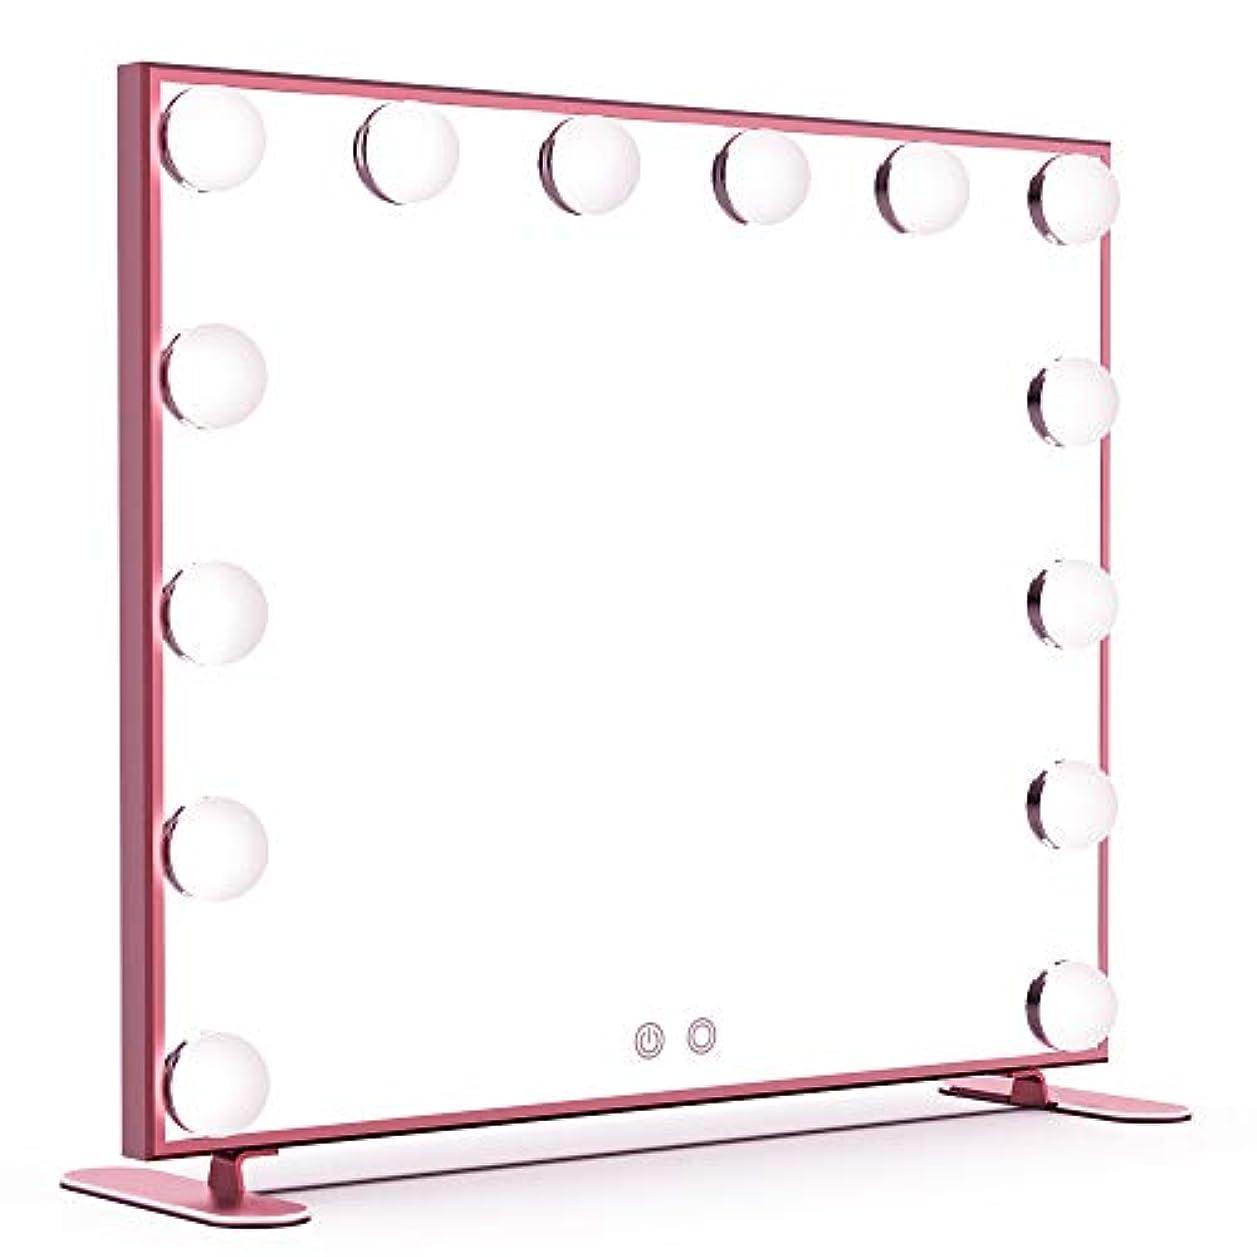 間に合わせ地域重々しいWonstart 女優ミラー 化粧鏡 ハリウッドスタイル 14個LED電球付き 暖色?寒色 2色ライトモード 明るさ調節可能 女優ライト 卓上 LEDミラー ドレッサー/化粧台適用(ピンク)